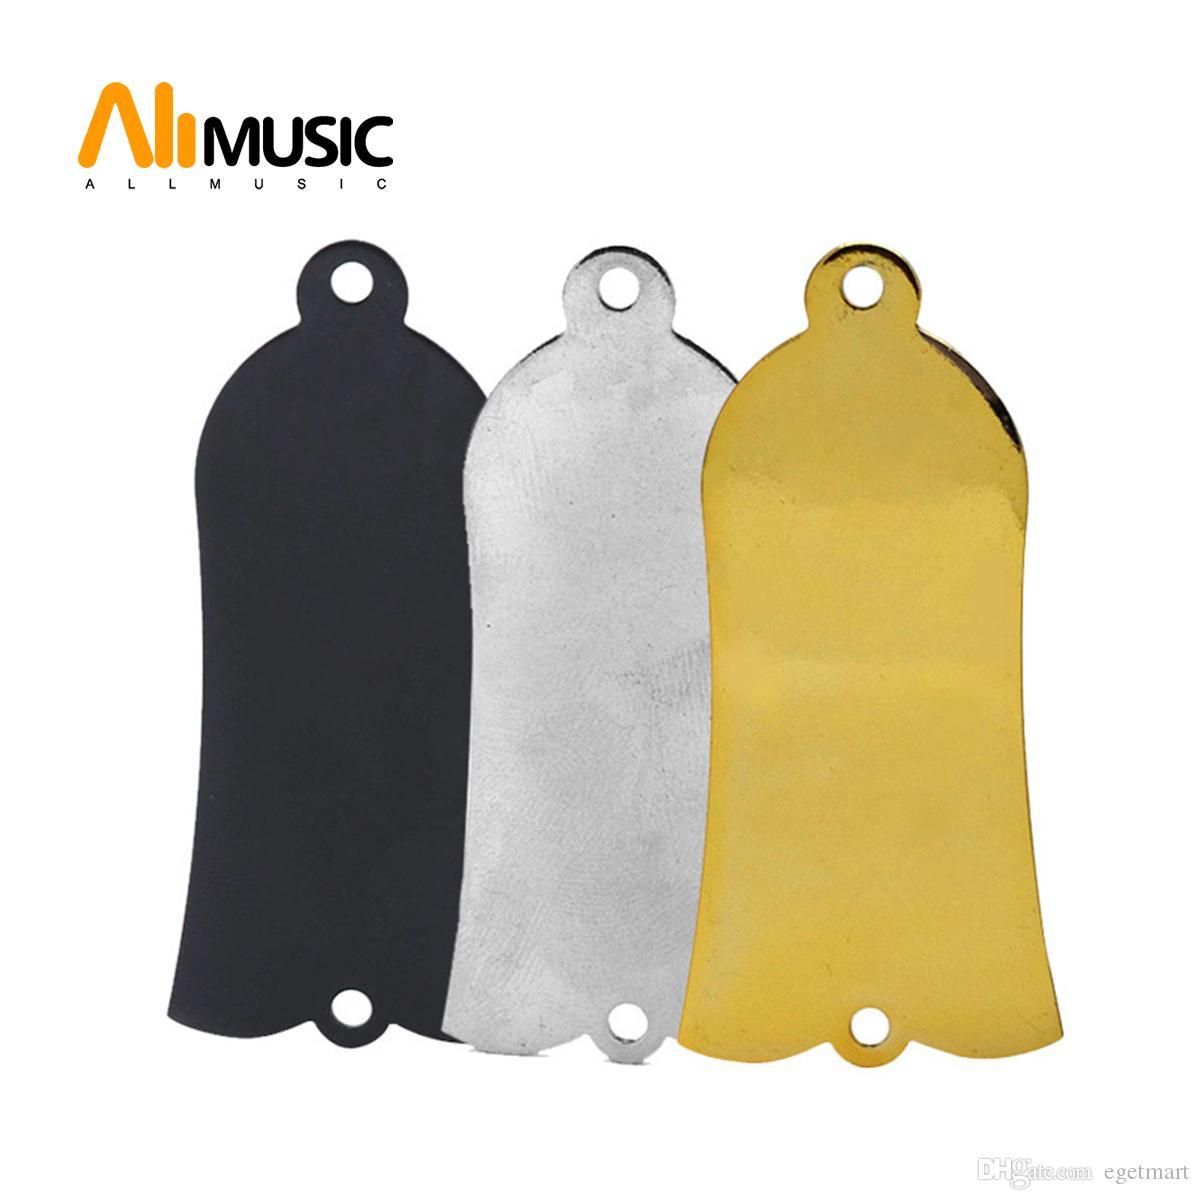 Baixo elétrico acústico 2 furos de metal Truss Rod Plate Cover - Chrome - preto - dourado para escolher MU1308